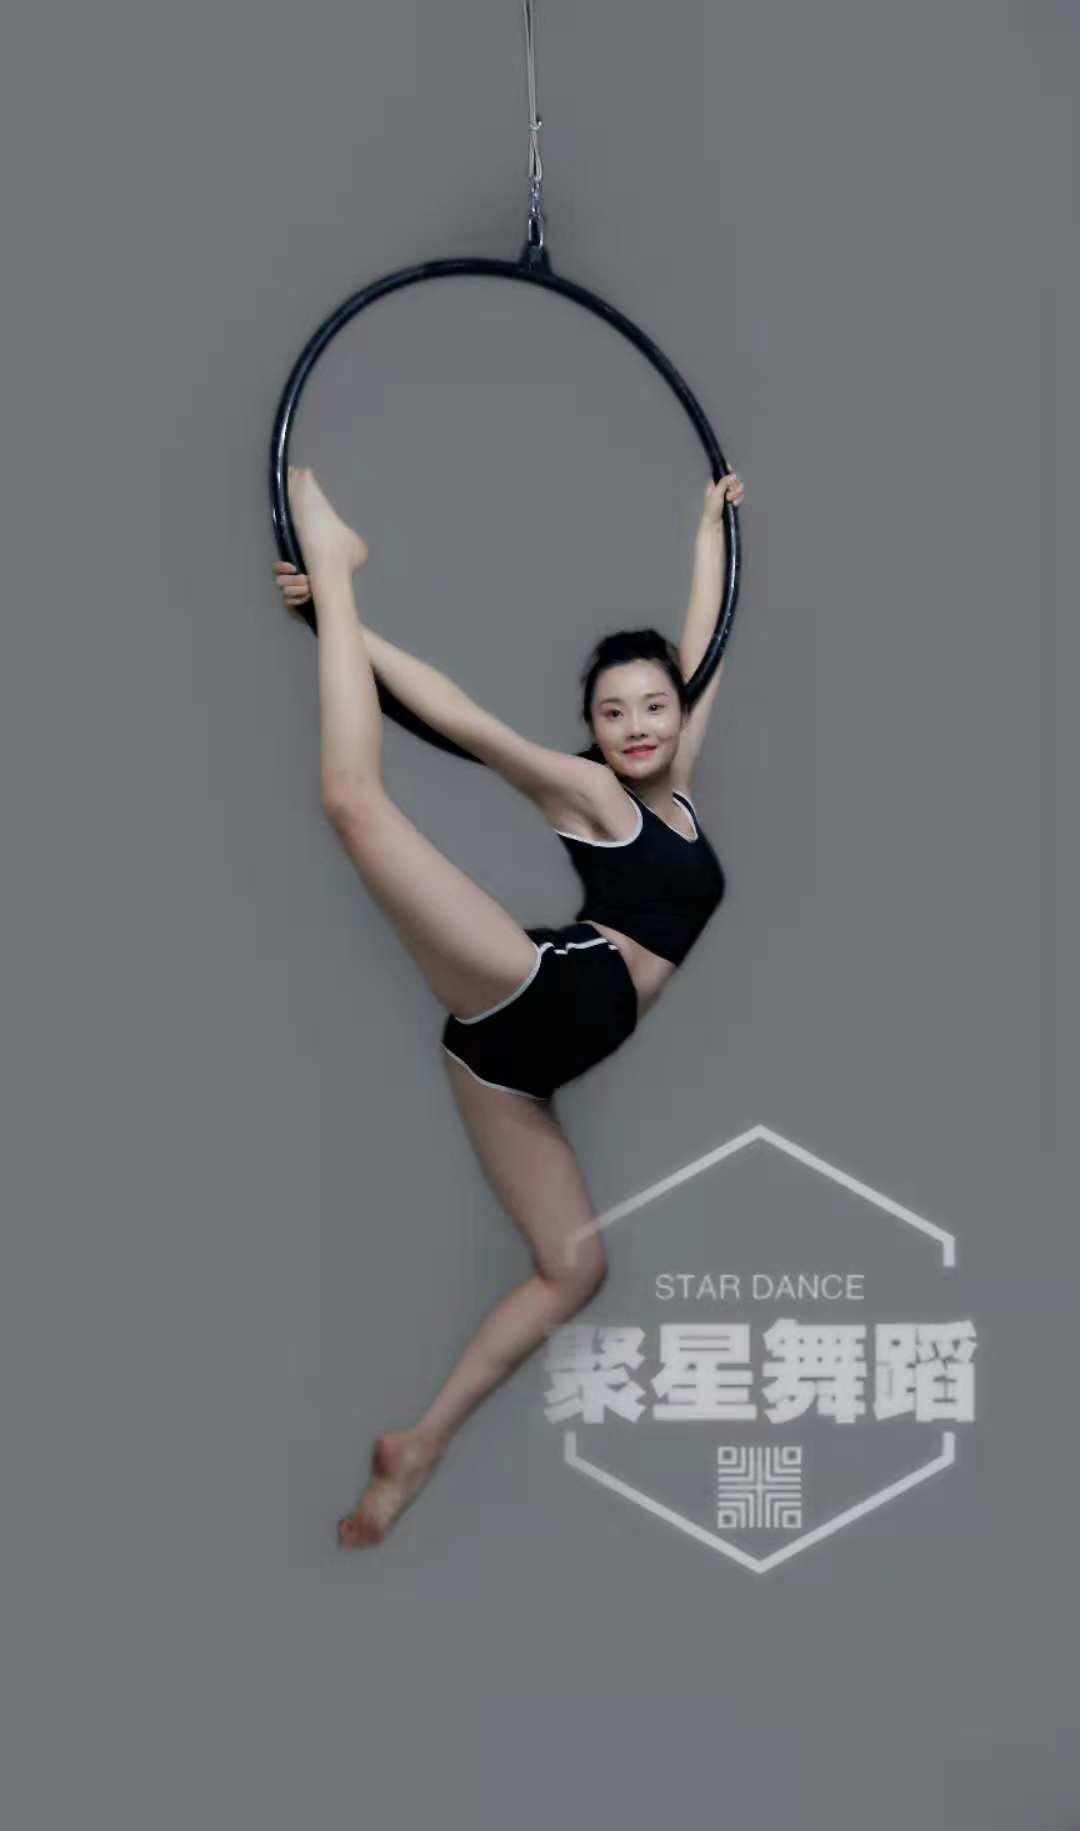 南充学习钢管舞、爵士舞、韩舞成人零基础包就业